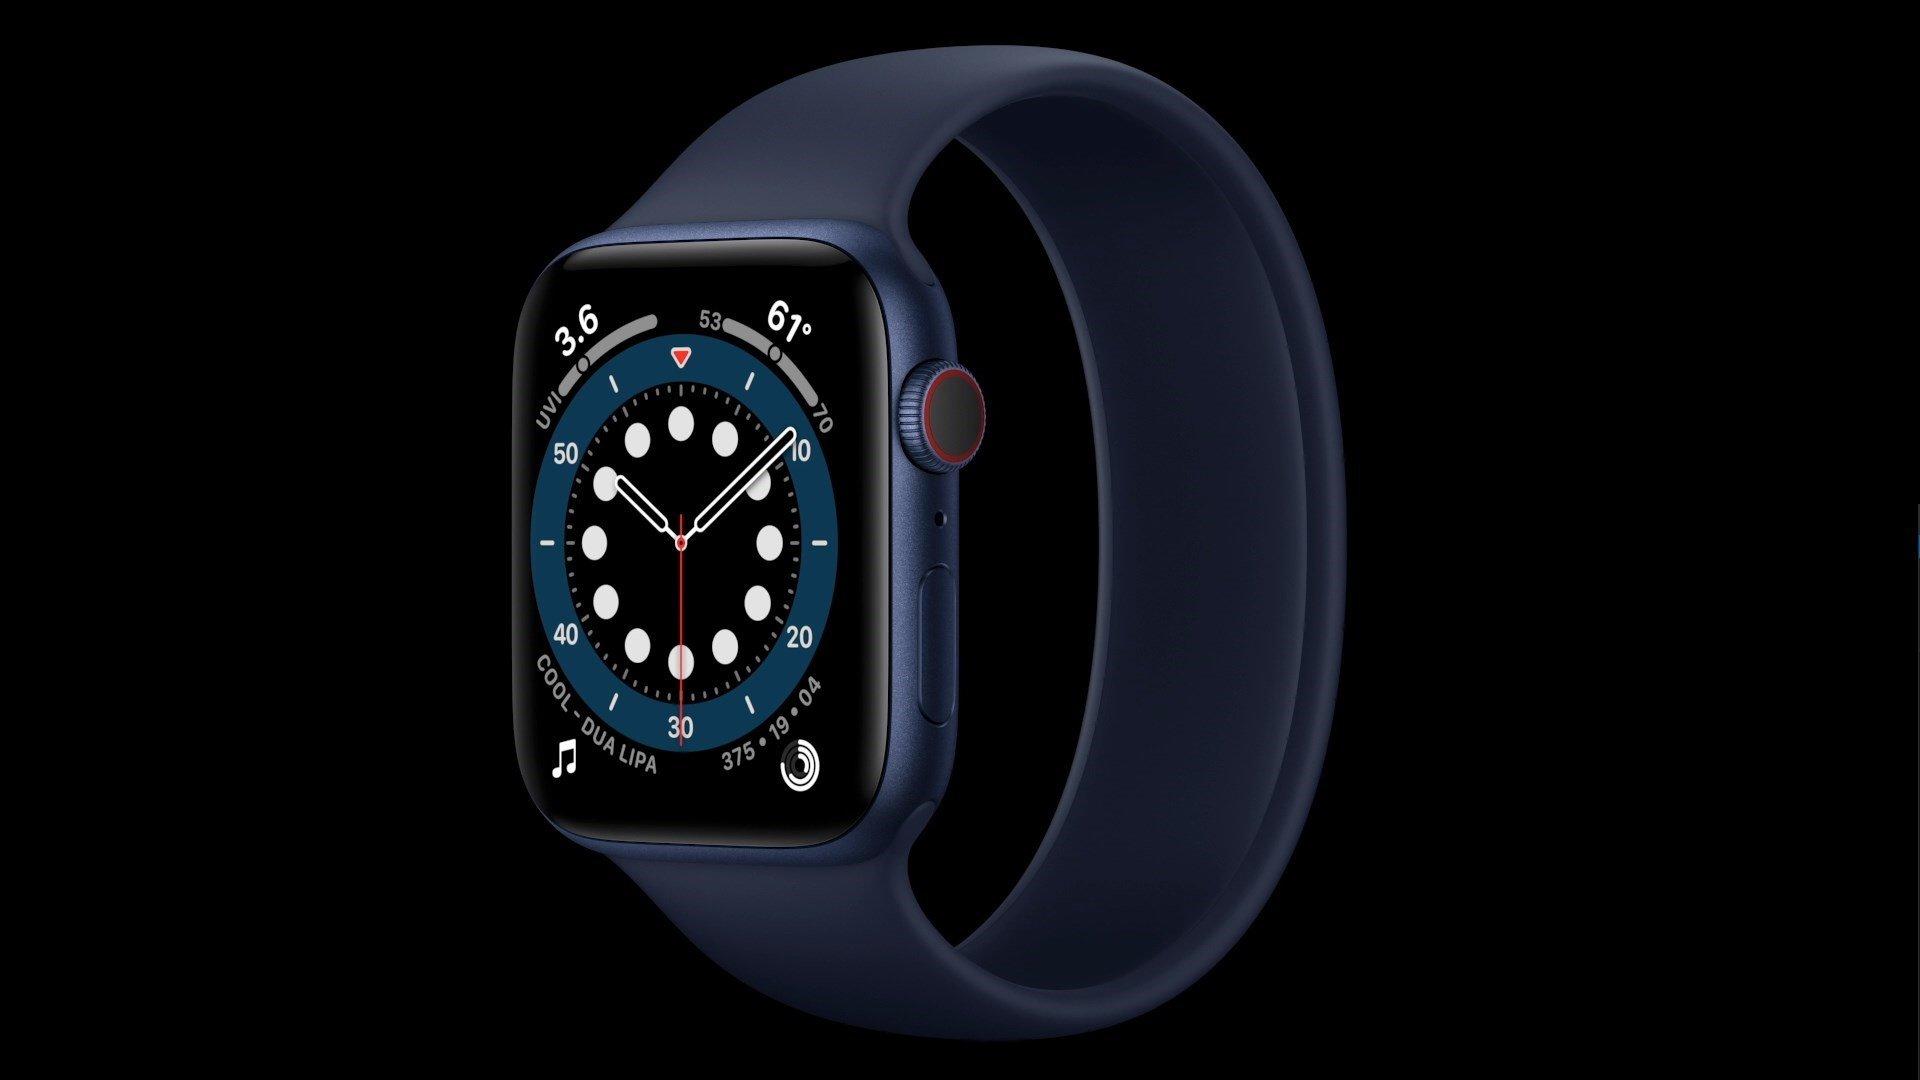 اپل واچ سری 6 بدون شارژر عرضه میشود